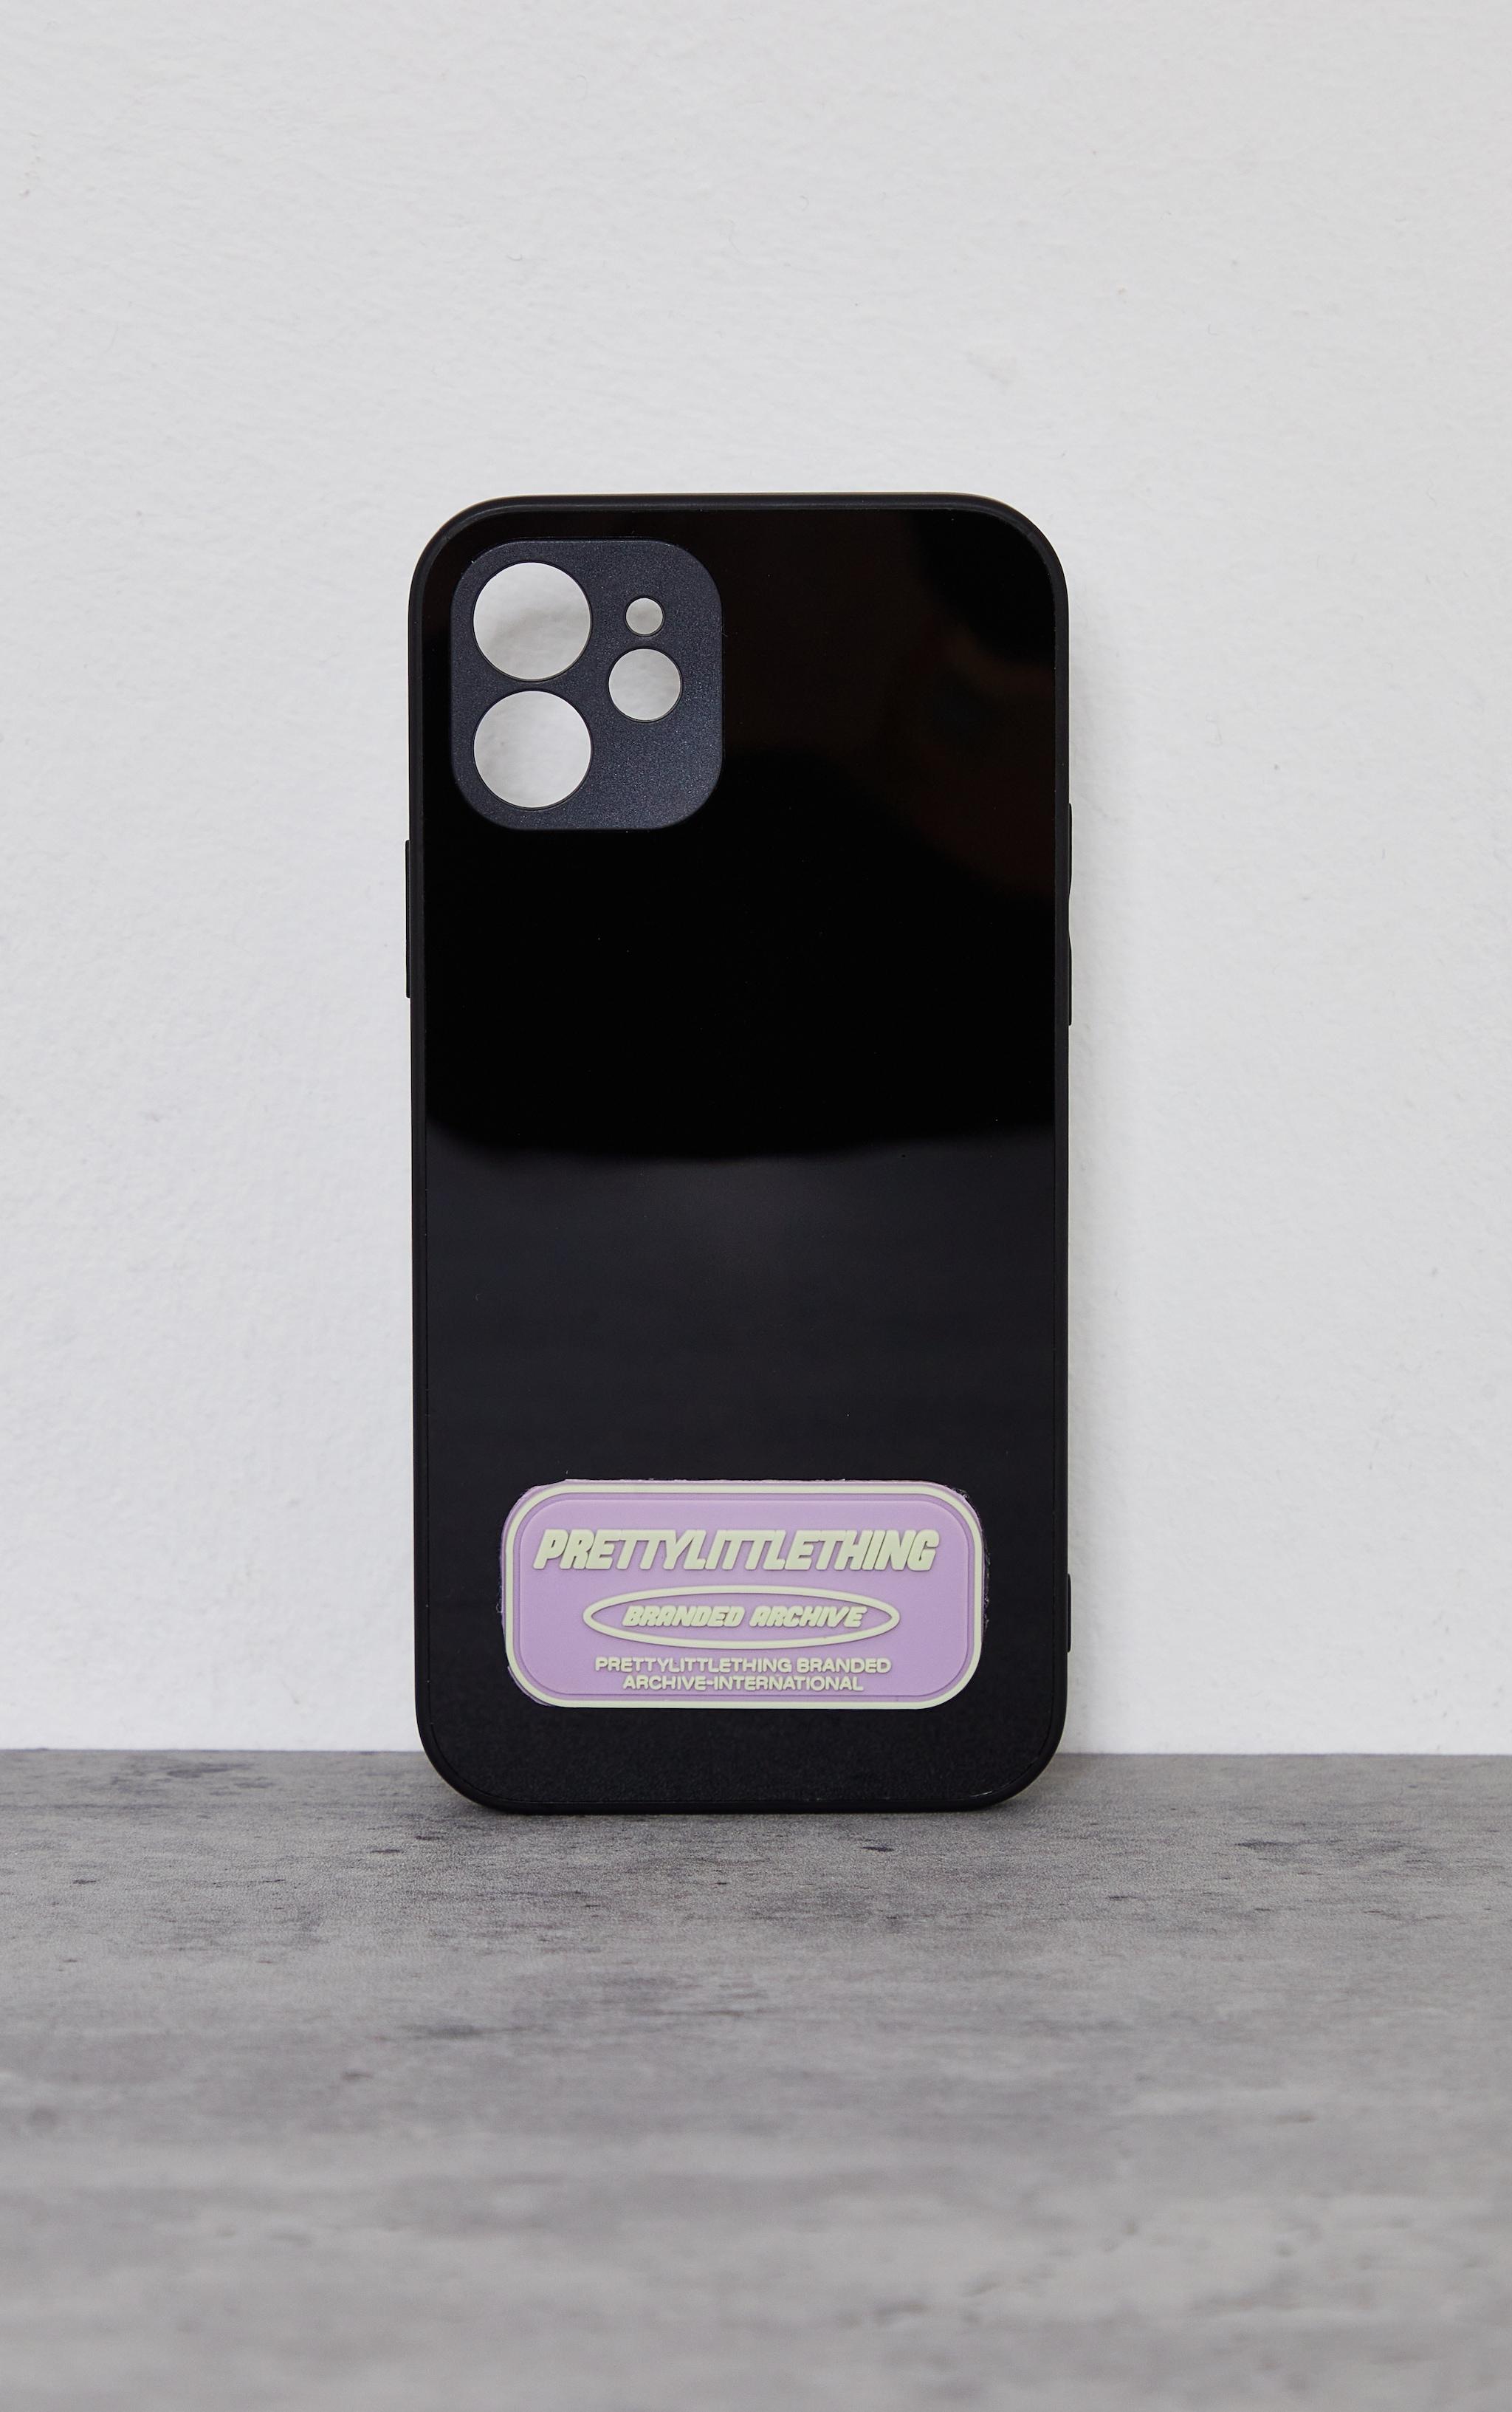 PRETTYLITTLETHING - Coque noire à imprimé Branded Archive pour iPhone 12/12 Pro 1